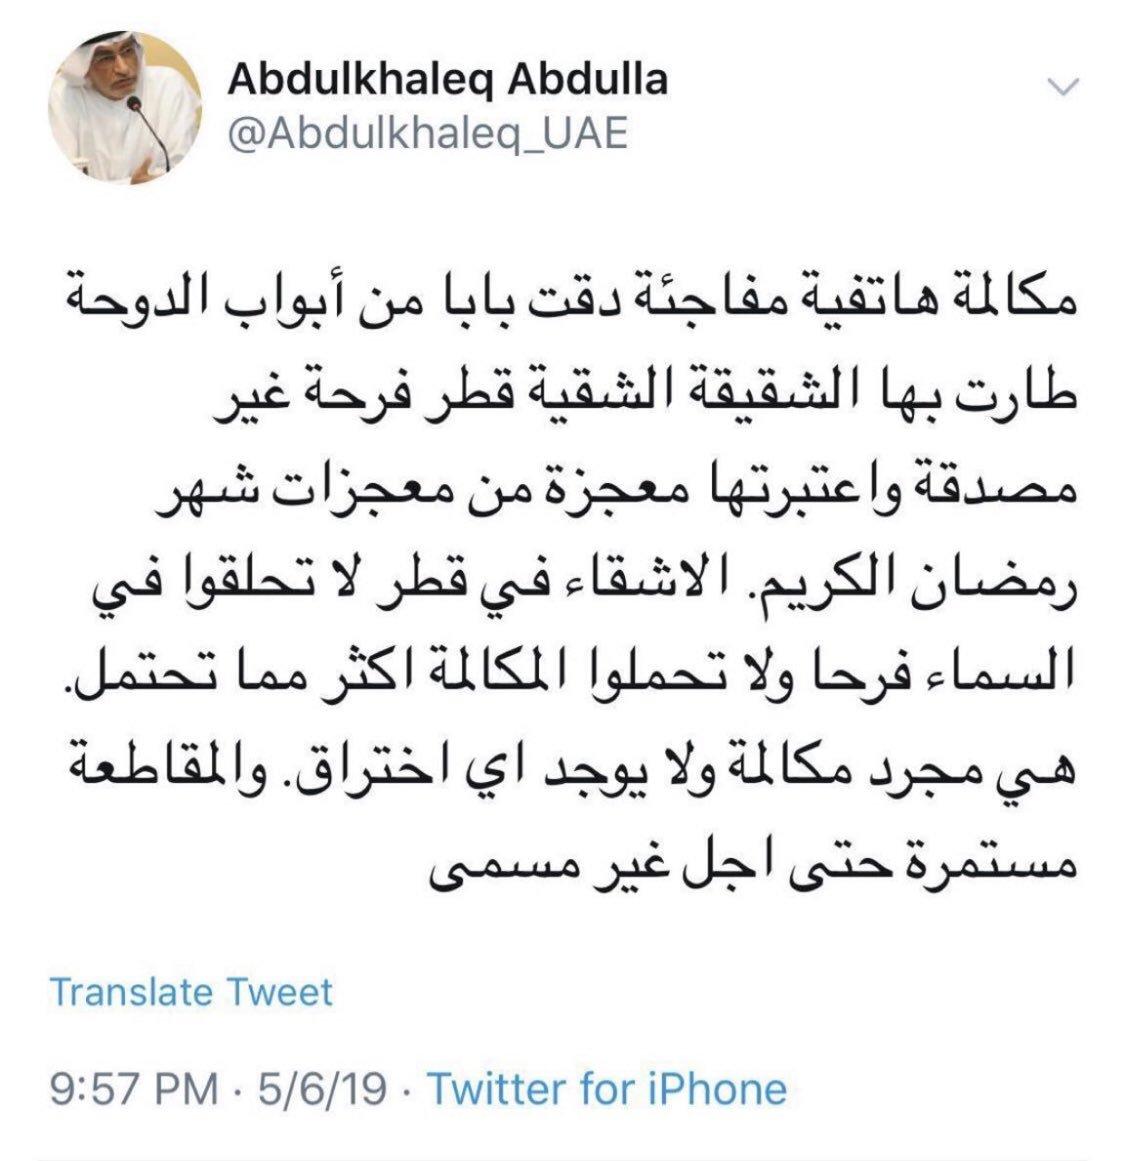 جابر الحرمي On Twitter في شهر رمضان ت صف د شياطين الجن أما شياطين الإنس فتعيث في الأرض الفساد